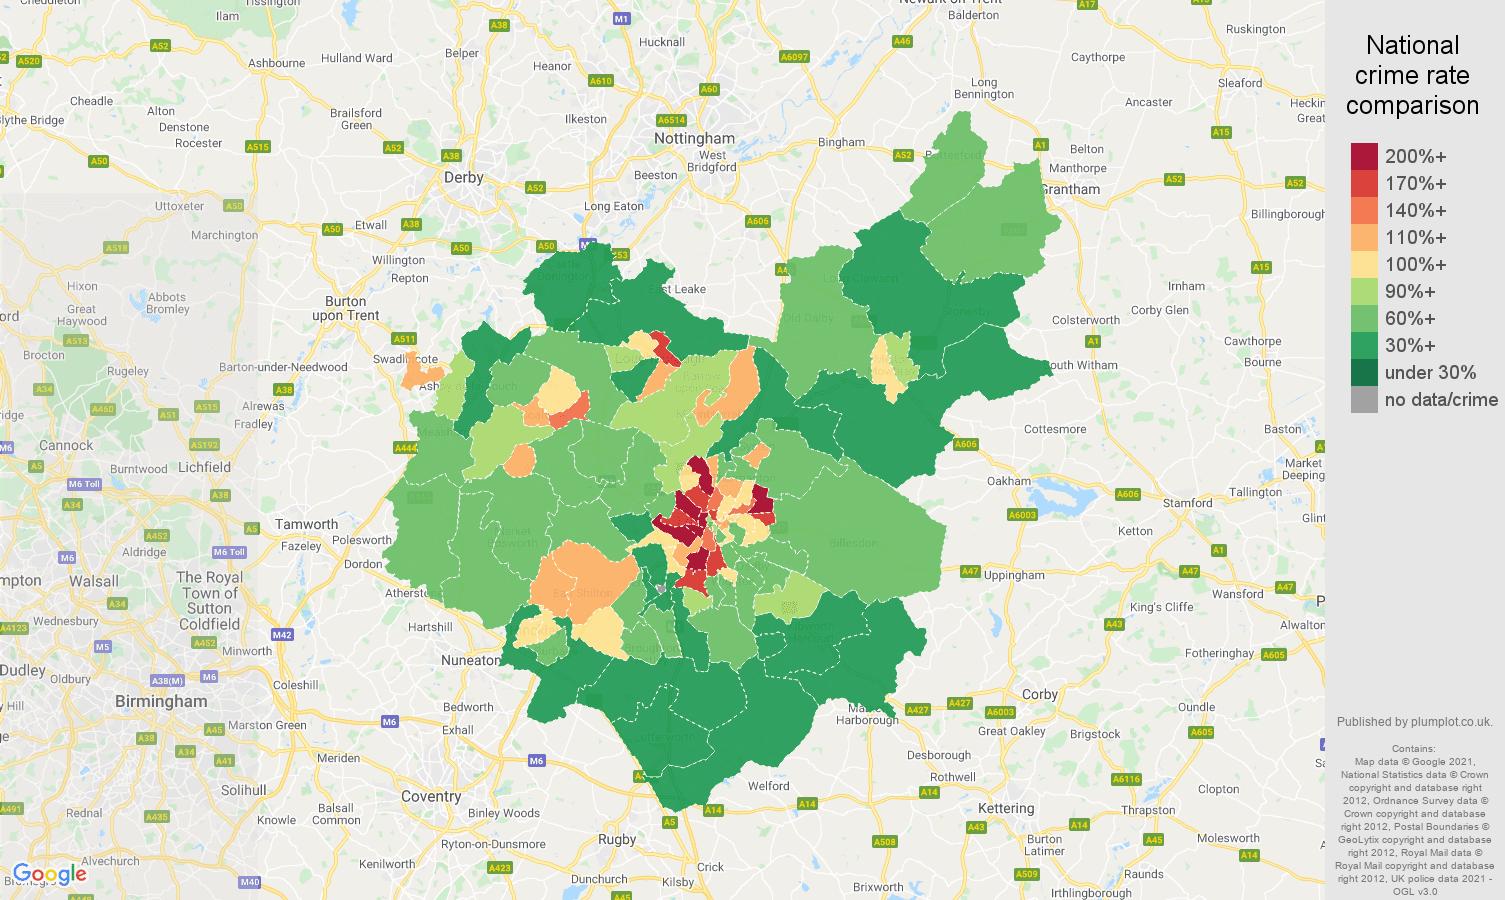 Leicestershire violent crime rate comparison map